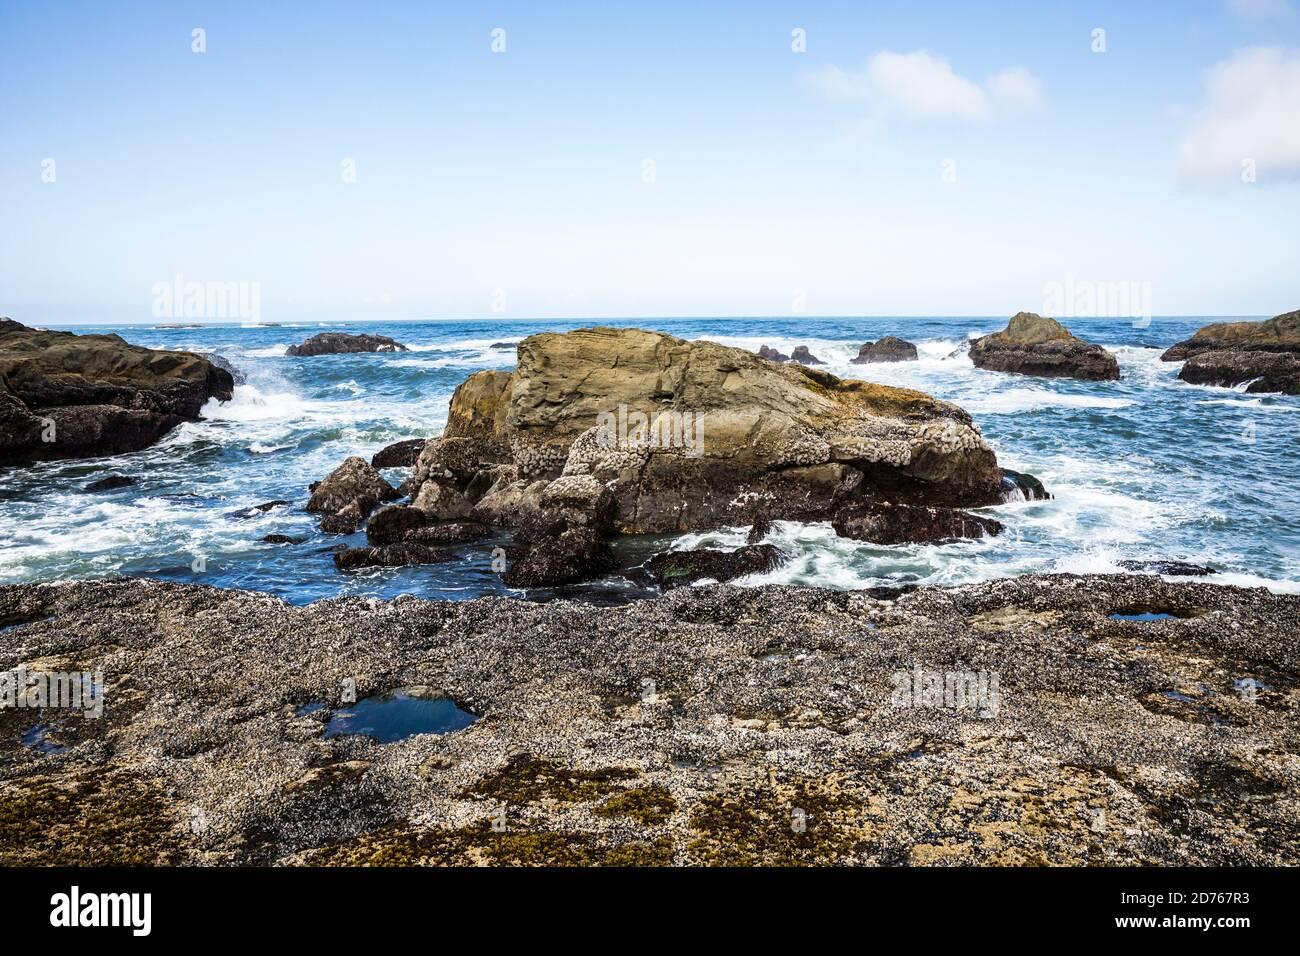 Un littoral rocheux et des vagues se déroulant à la 2ème plage, Olympic Coast National Marine Sanctuary / National Park, Washington, Etats-Unis. Banque D'Images